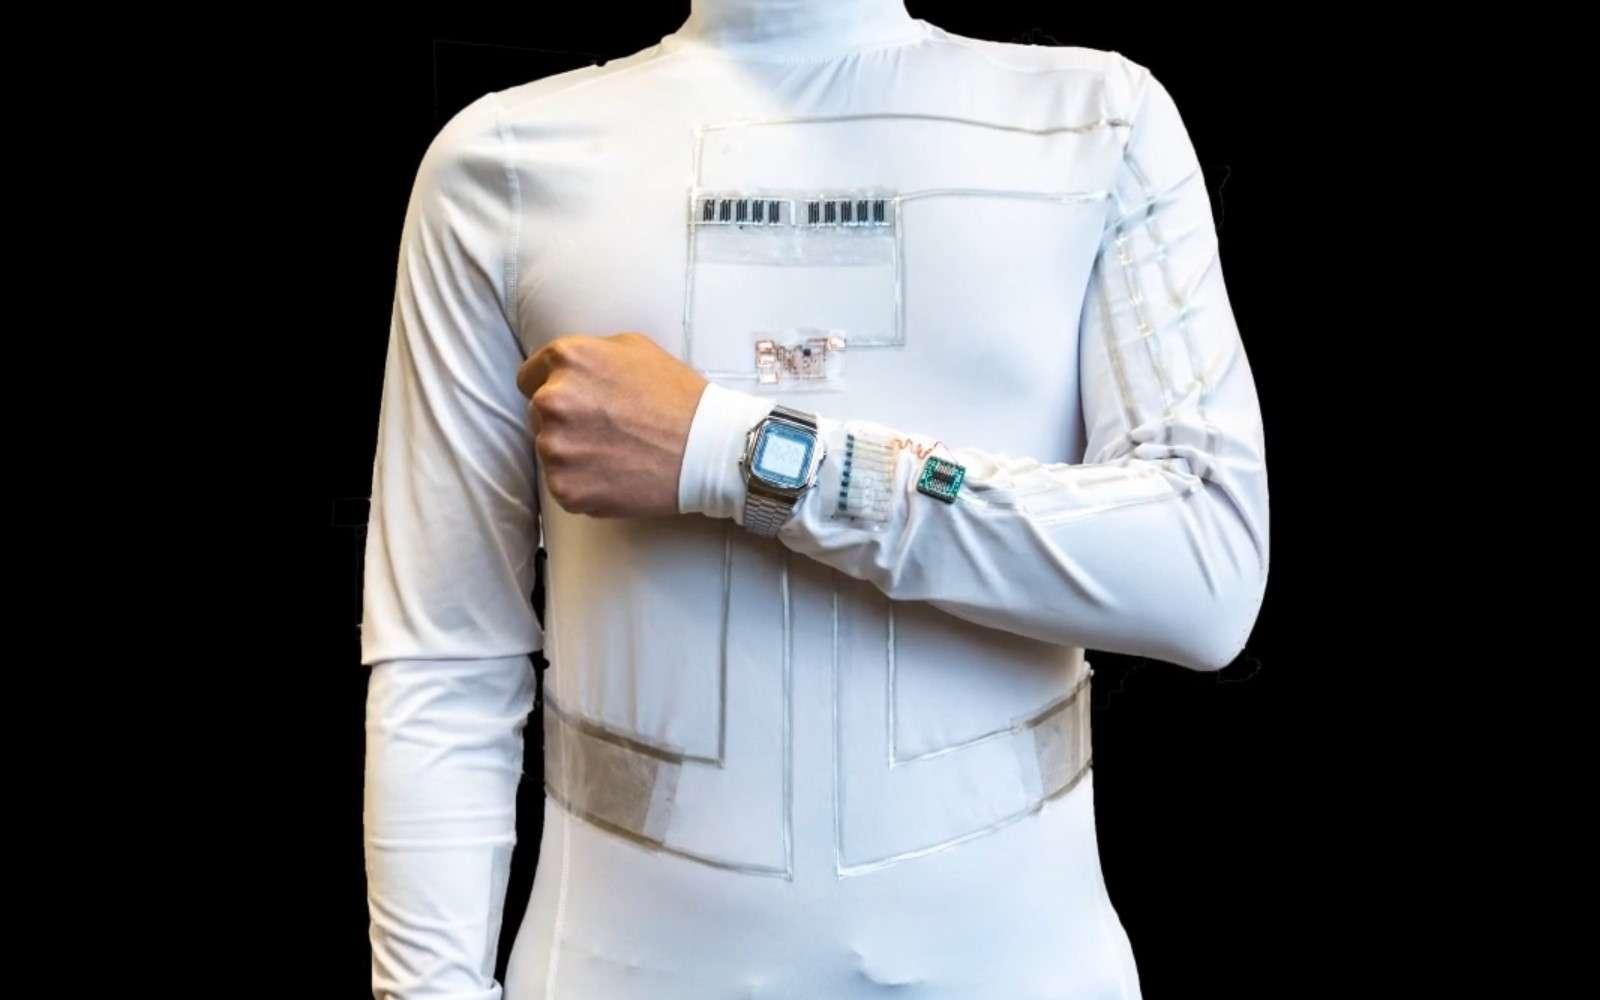 Des chercheurs ont combiné des générateurs triboélectriques et des piles à combustibles microbiennes pour créer un vêtement capable d'alimenter de petits appareils. © University of California San Diego